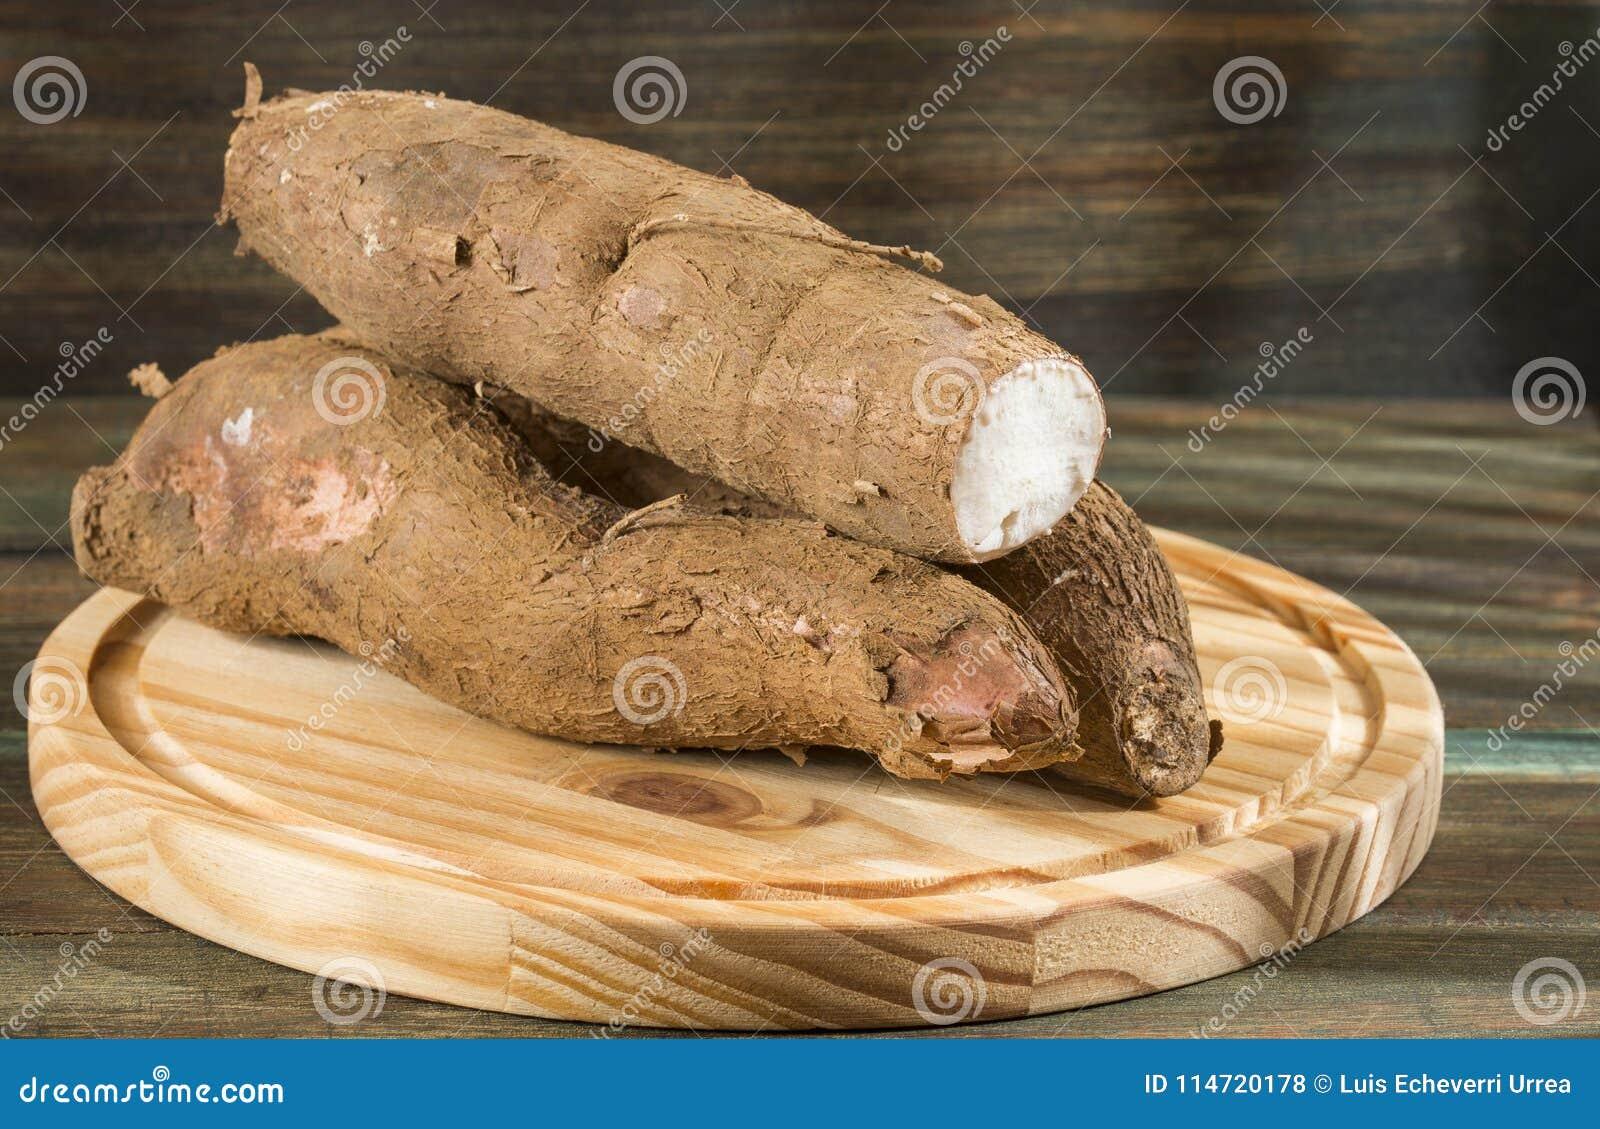 Tubercule cru de manioc - Manihot esculenta